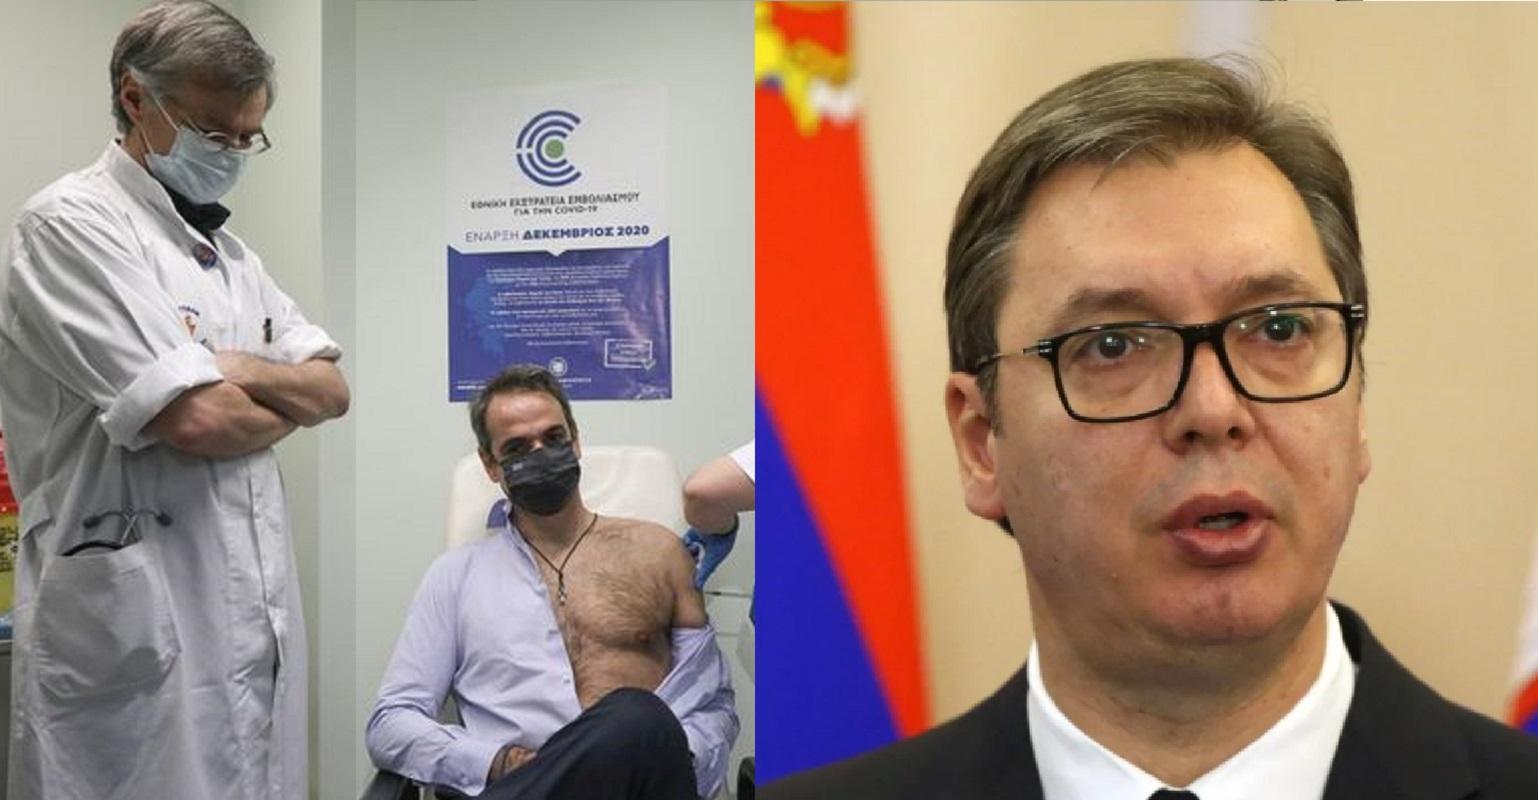 """Υποχρεωτικός Εμβολιασμός: Ο απόλυτος διασυρμός του Μητσοτάκη από τον Σέρβο πρόεδρο """"Επαίσχυντη η ιδέα """""""